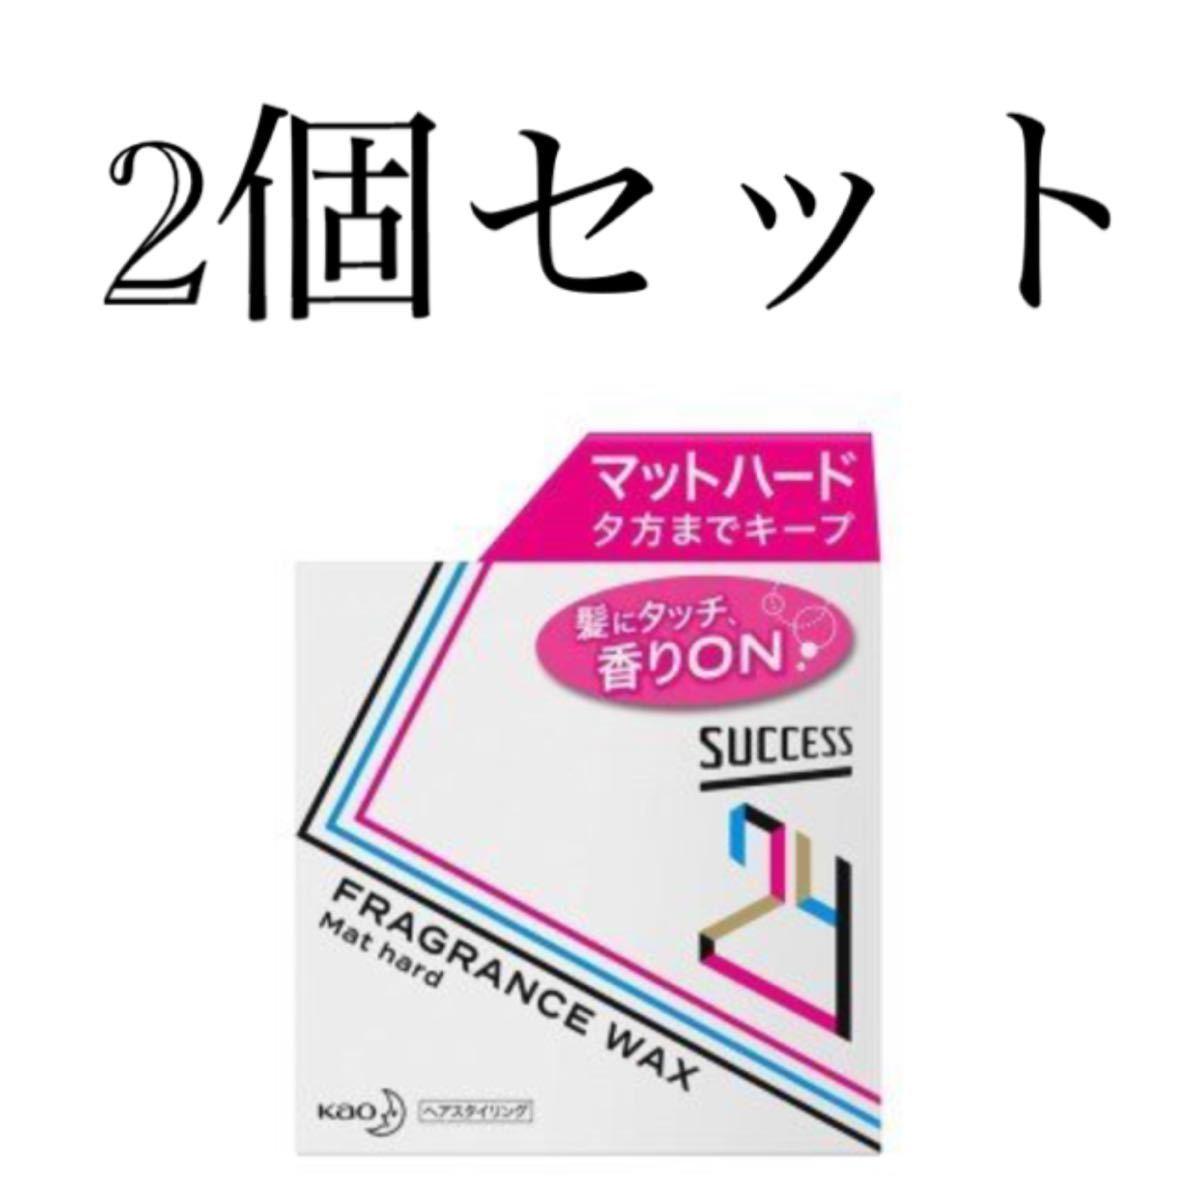 サクセス24フレグランスワックス ★マットハード★2個セット★新品、未開封です!